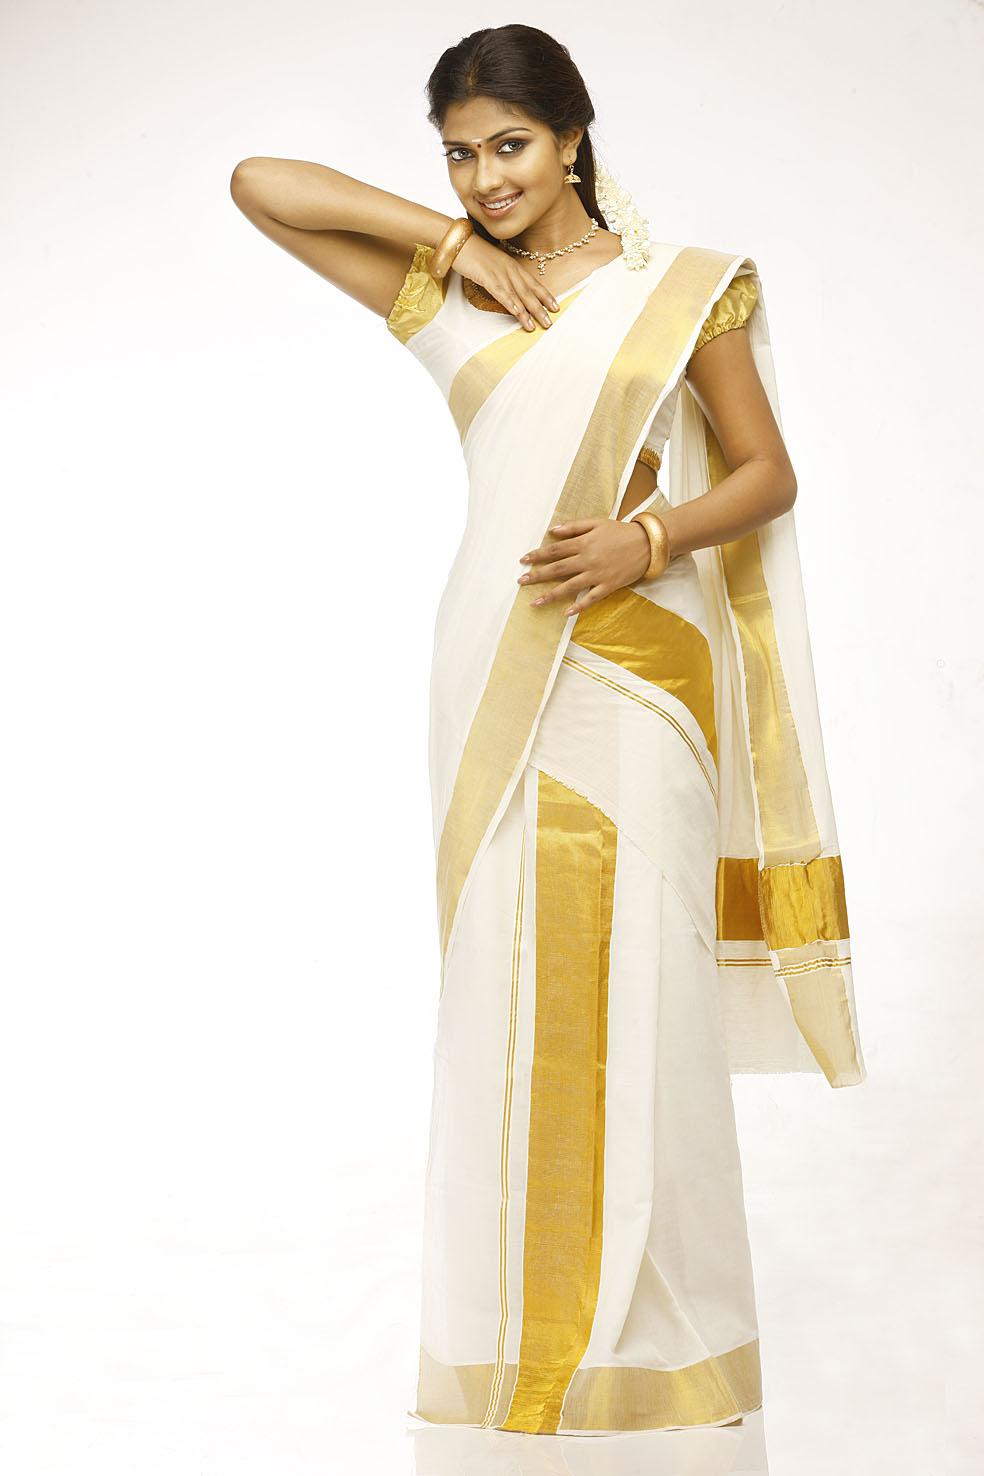 Kerala Dress Kerala traditional dress